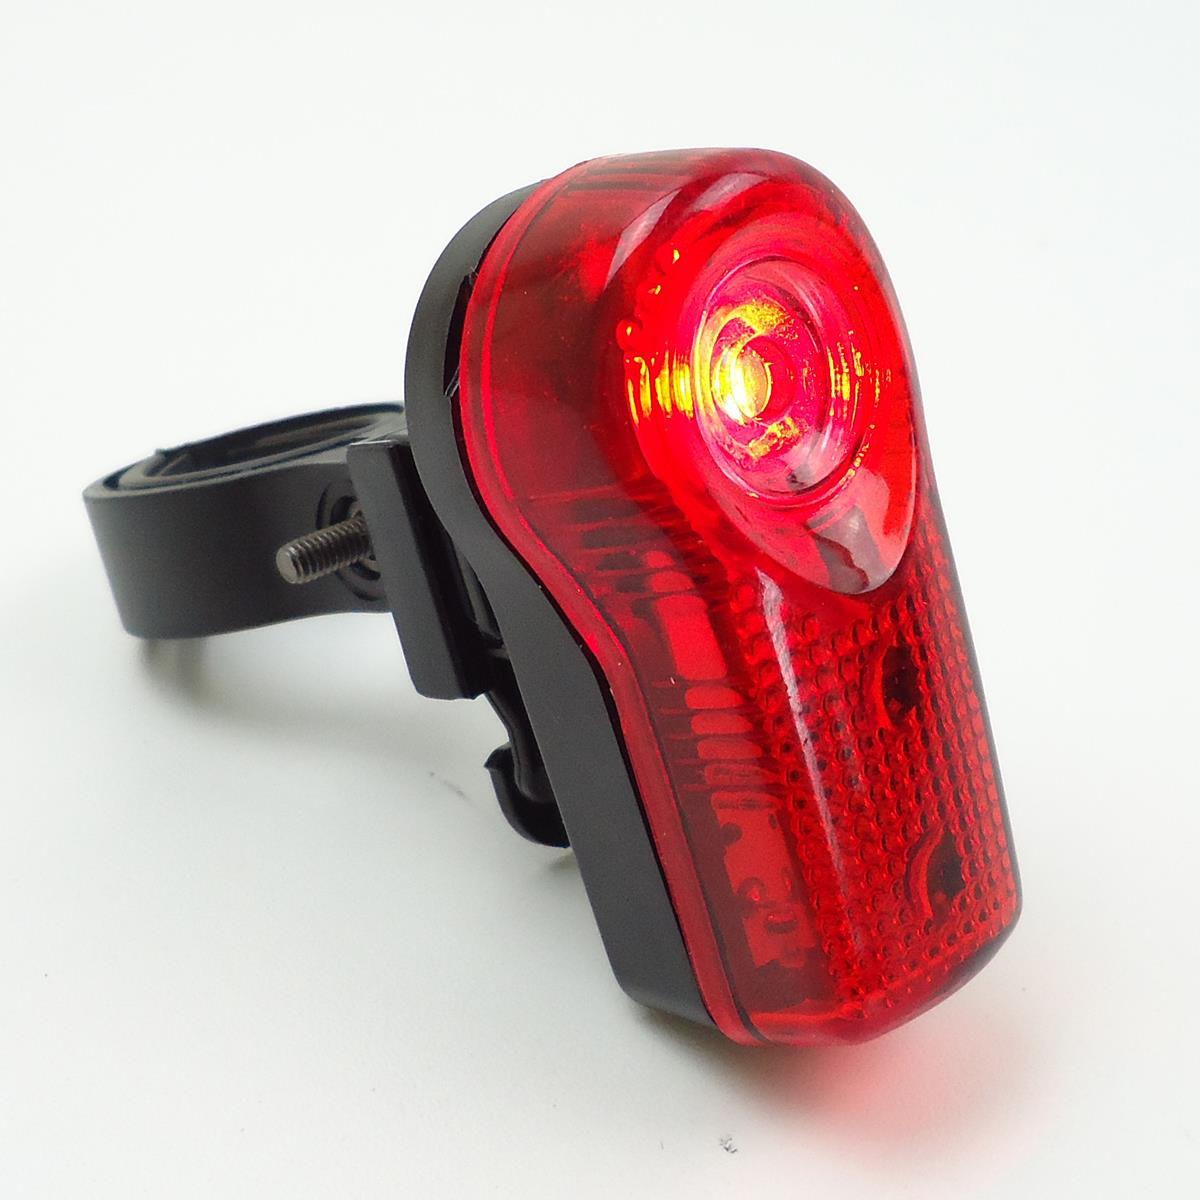 Sinalizador Traseiro Epic Line Orion com 3 Leds Vermelho Modos Luz Noturna Alta Potência